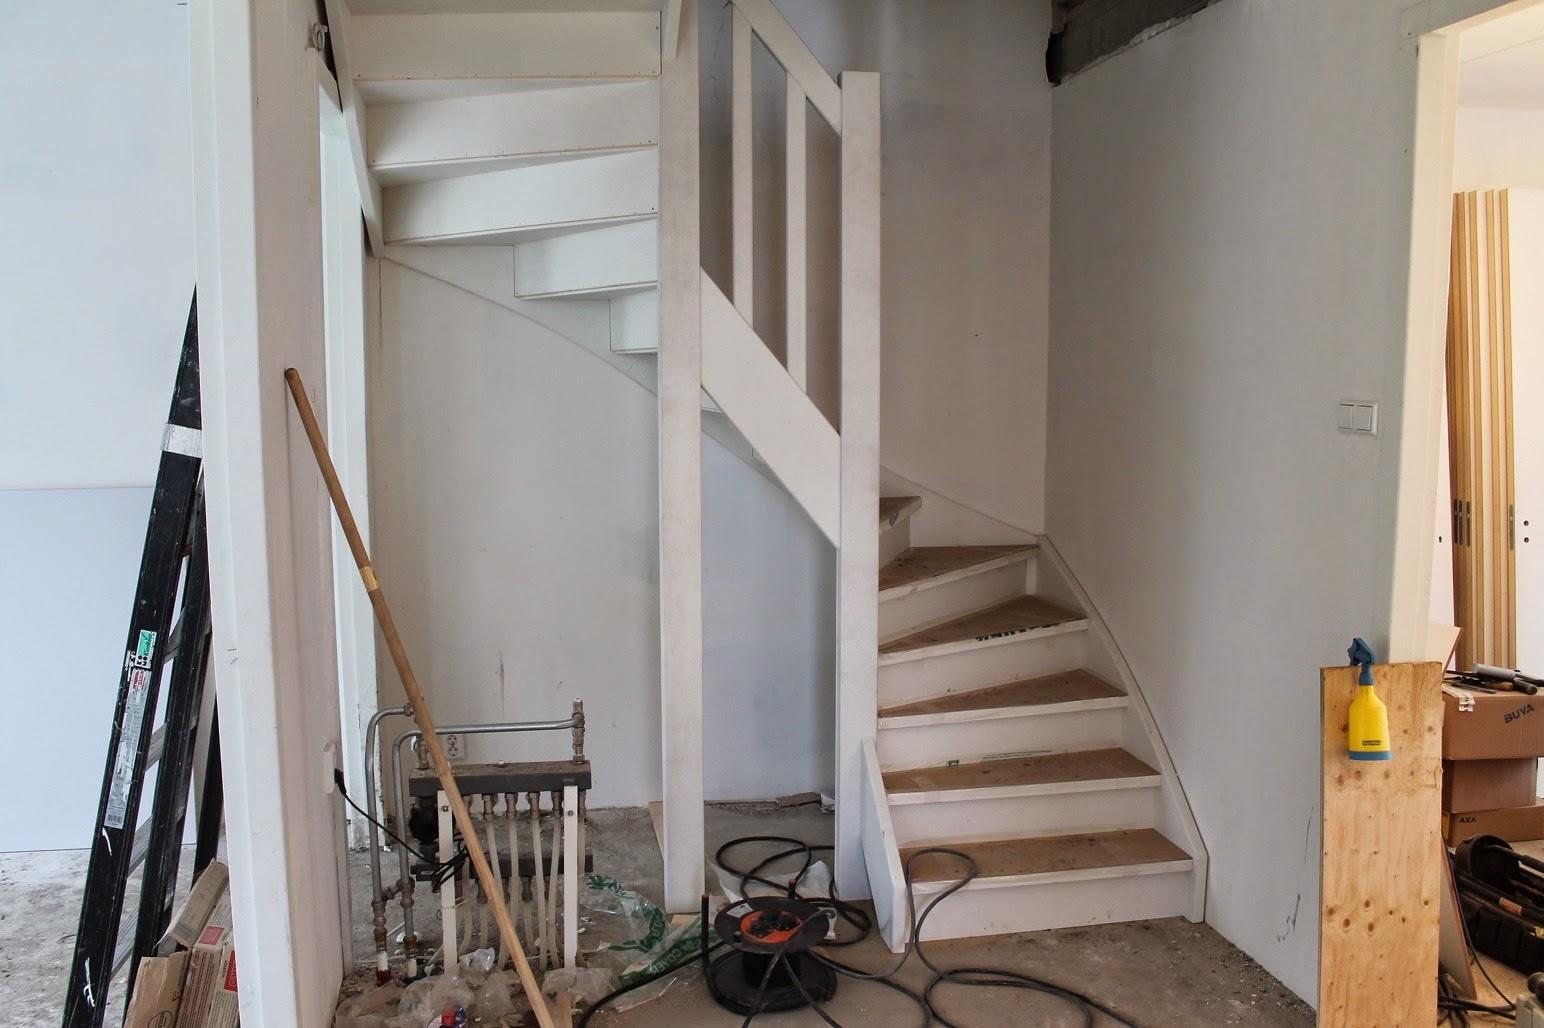 Keuken Met Trap : Helen marc & olivia bouwen een huis: de trappen staan er